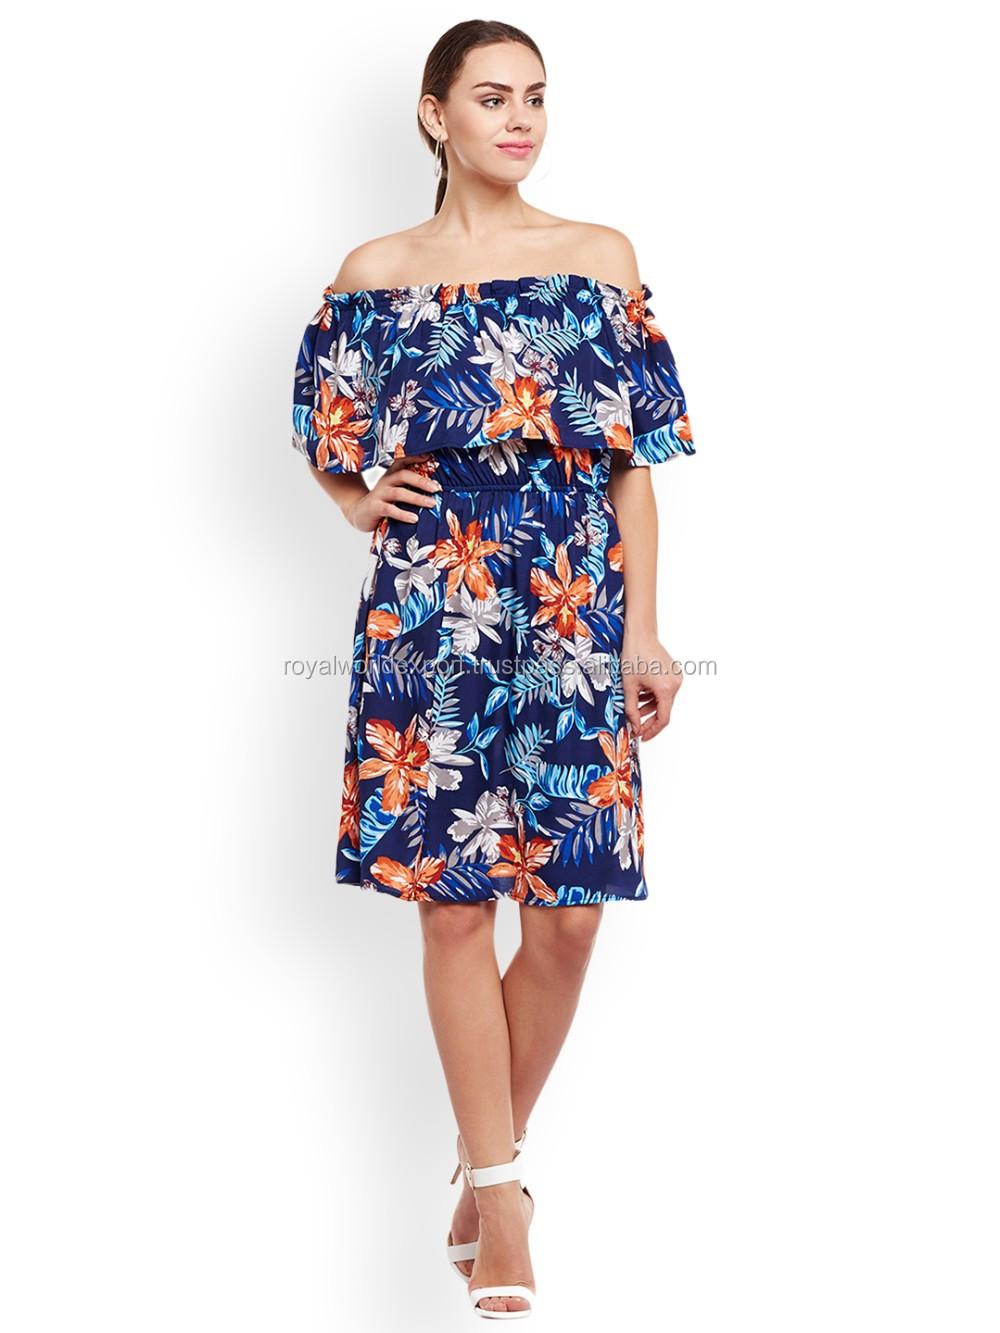 Off the Shoulder Knee Length Dress